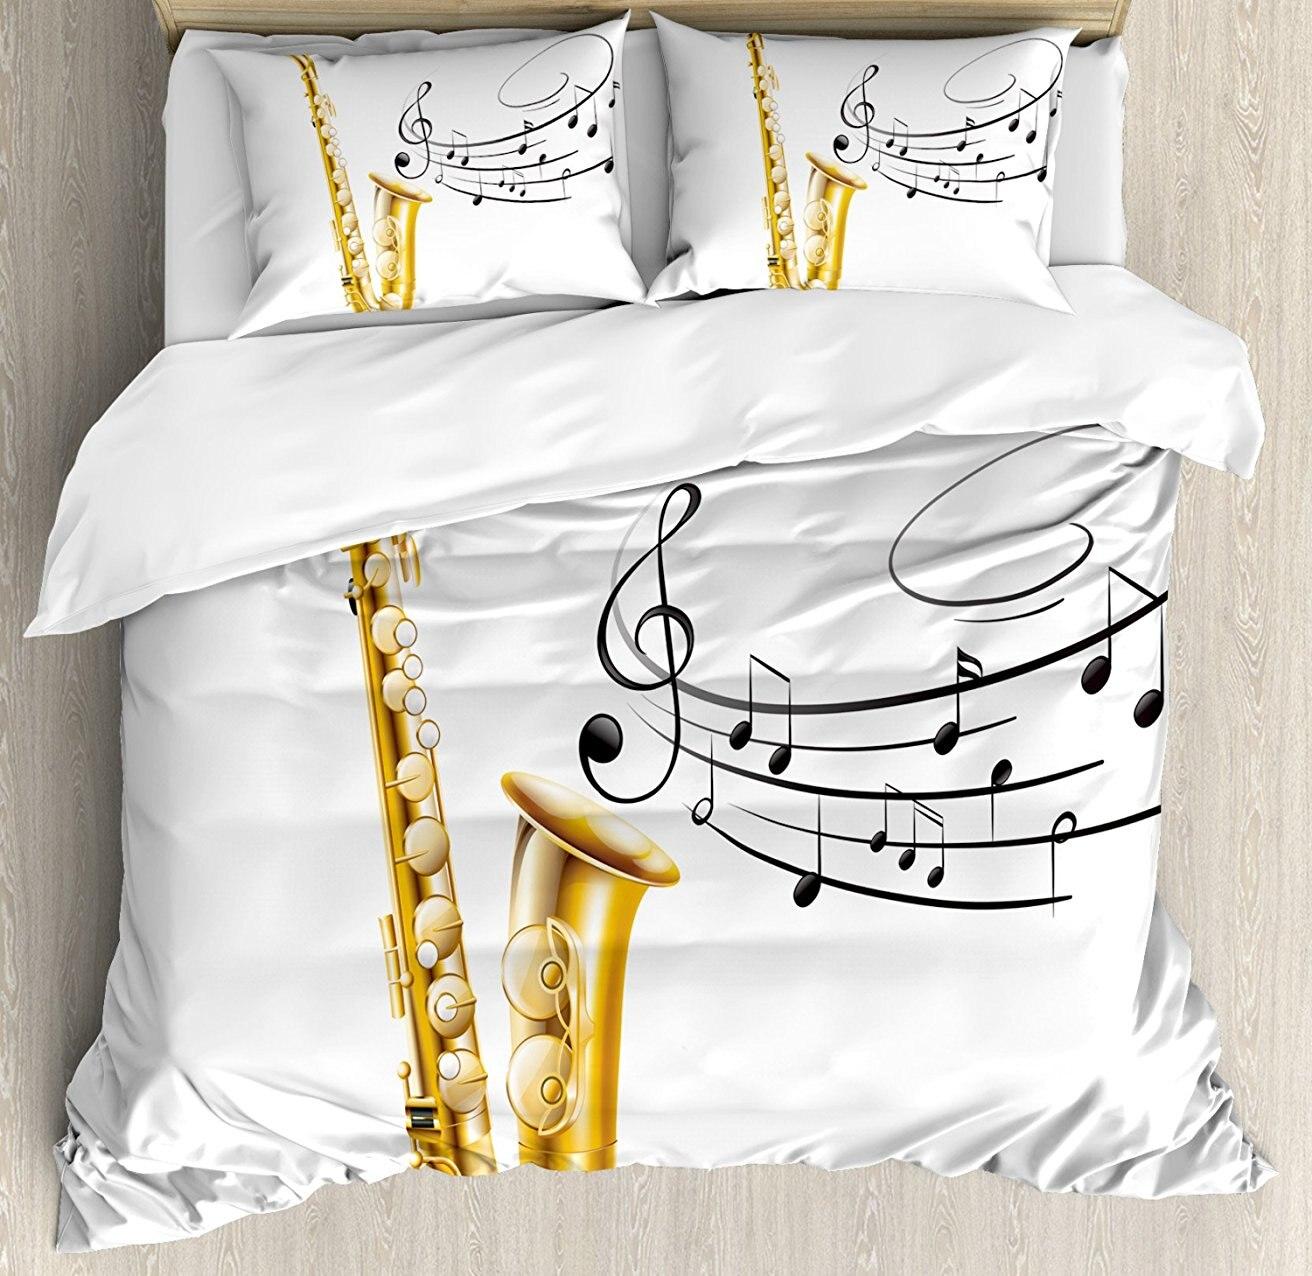 Musique Housse de couette, Illustration de Fantaisie Vieux Saxophone avec Modèle Solo Vibes Art Print Design, 4 Pièce Ensemble de Literie